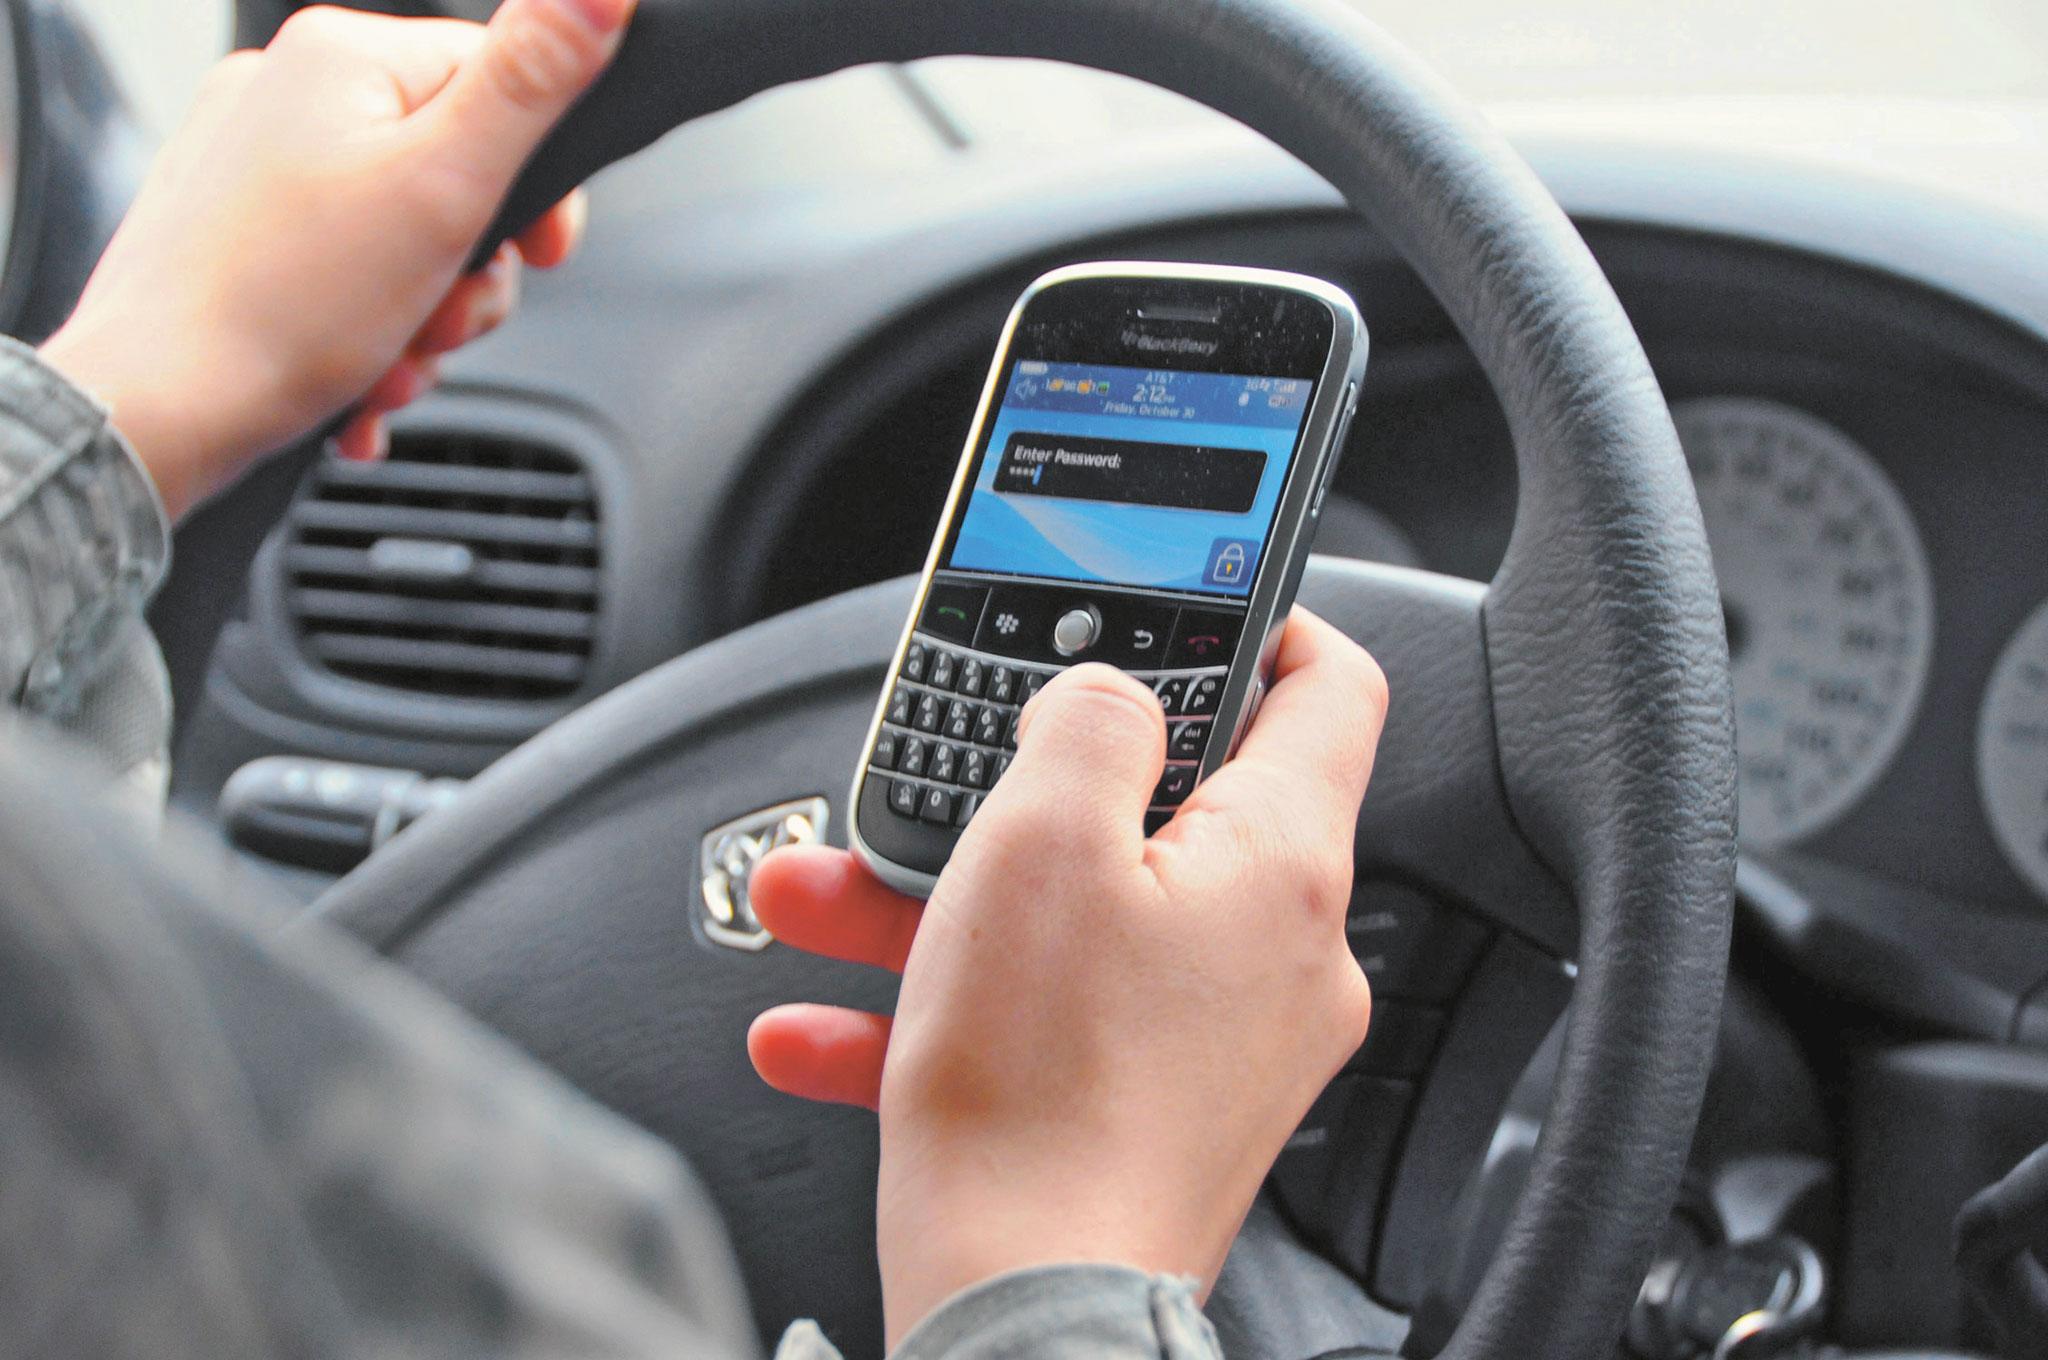 Conductores siguen usando el celular